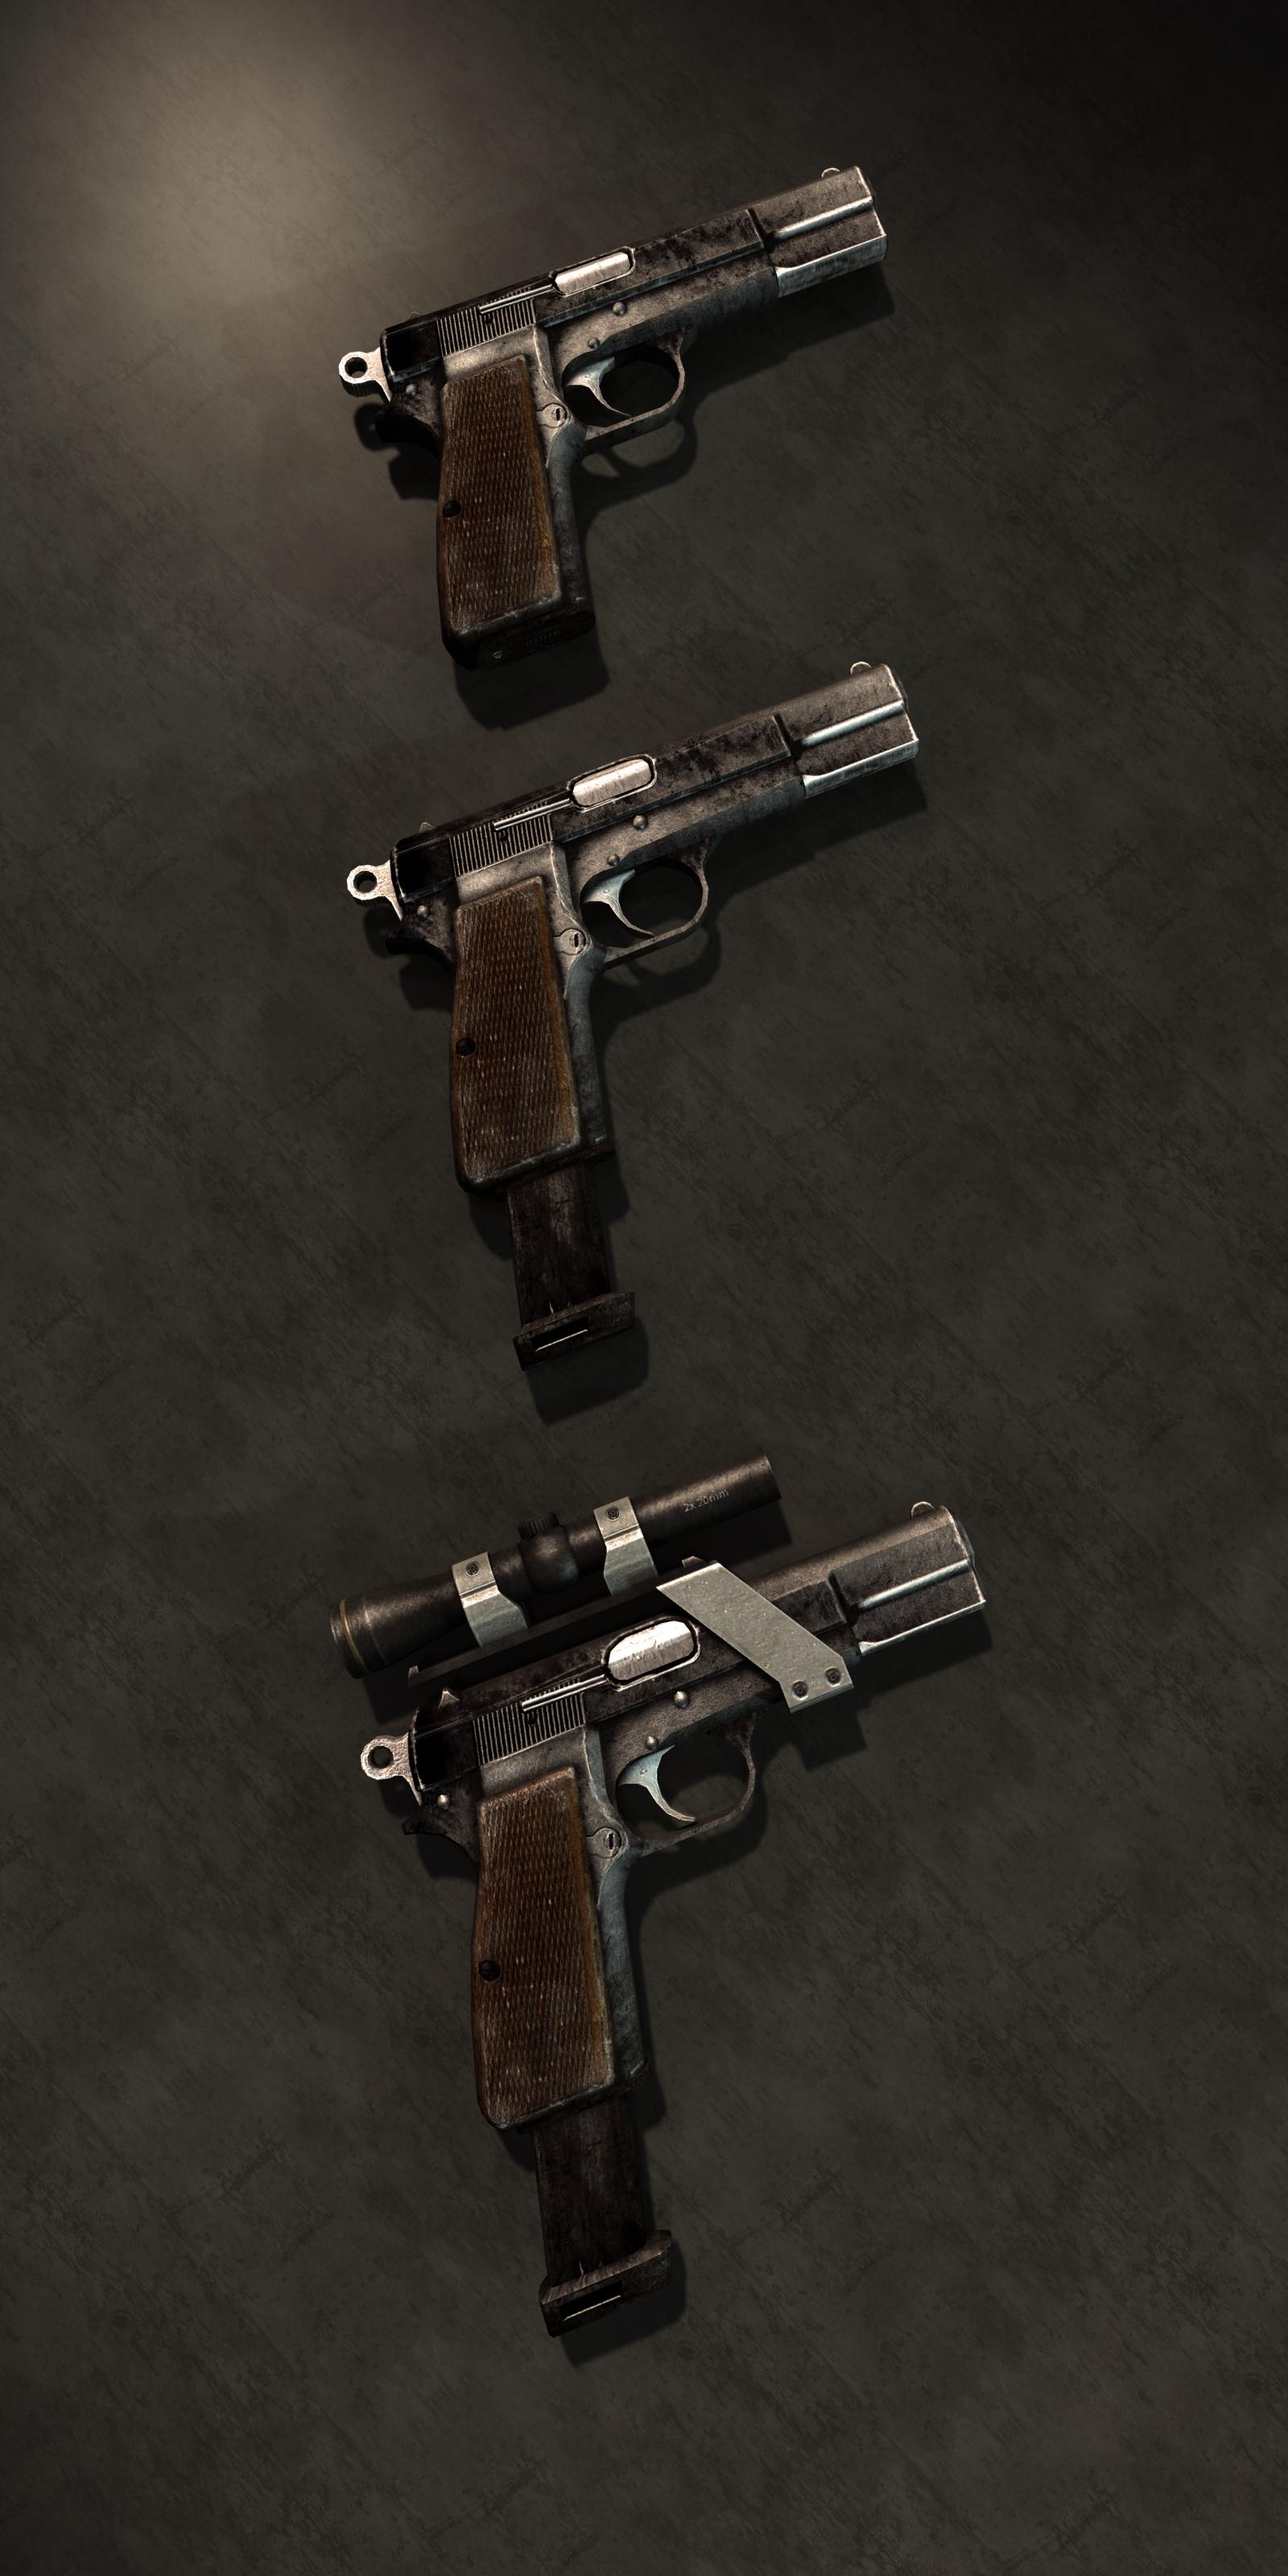 9mmPistolsAll